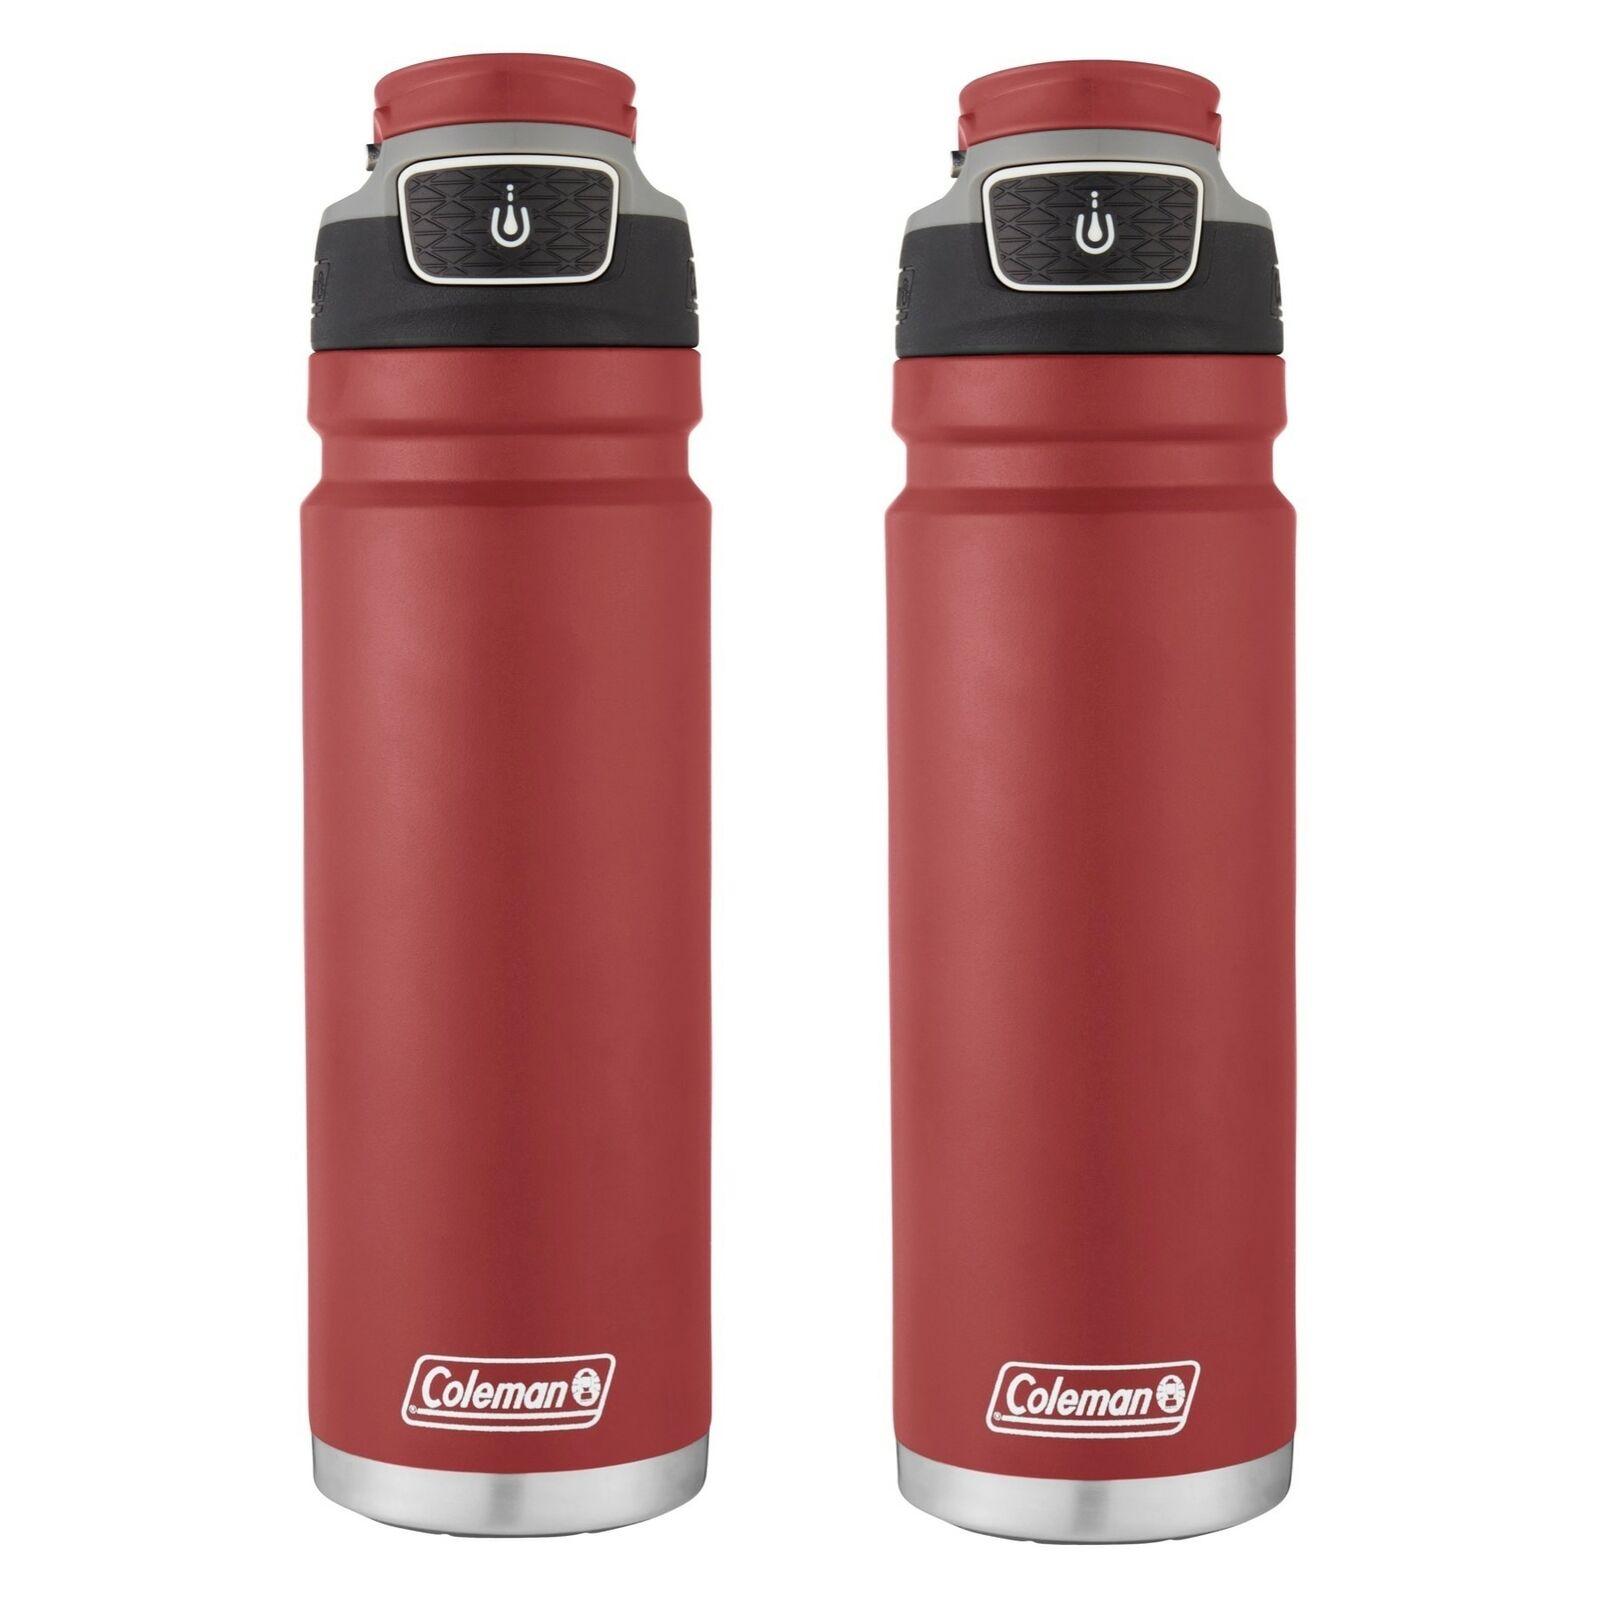 Coleman FreeFlow Autoseal Agua Bottle 24oz Heritage rojo Stainless Steel(2-Pack)   en linea